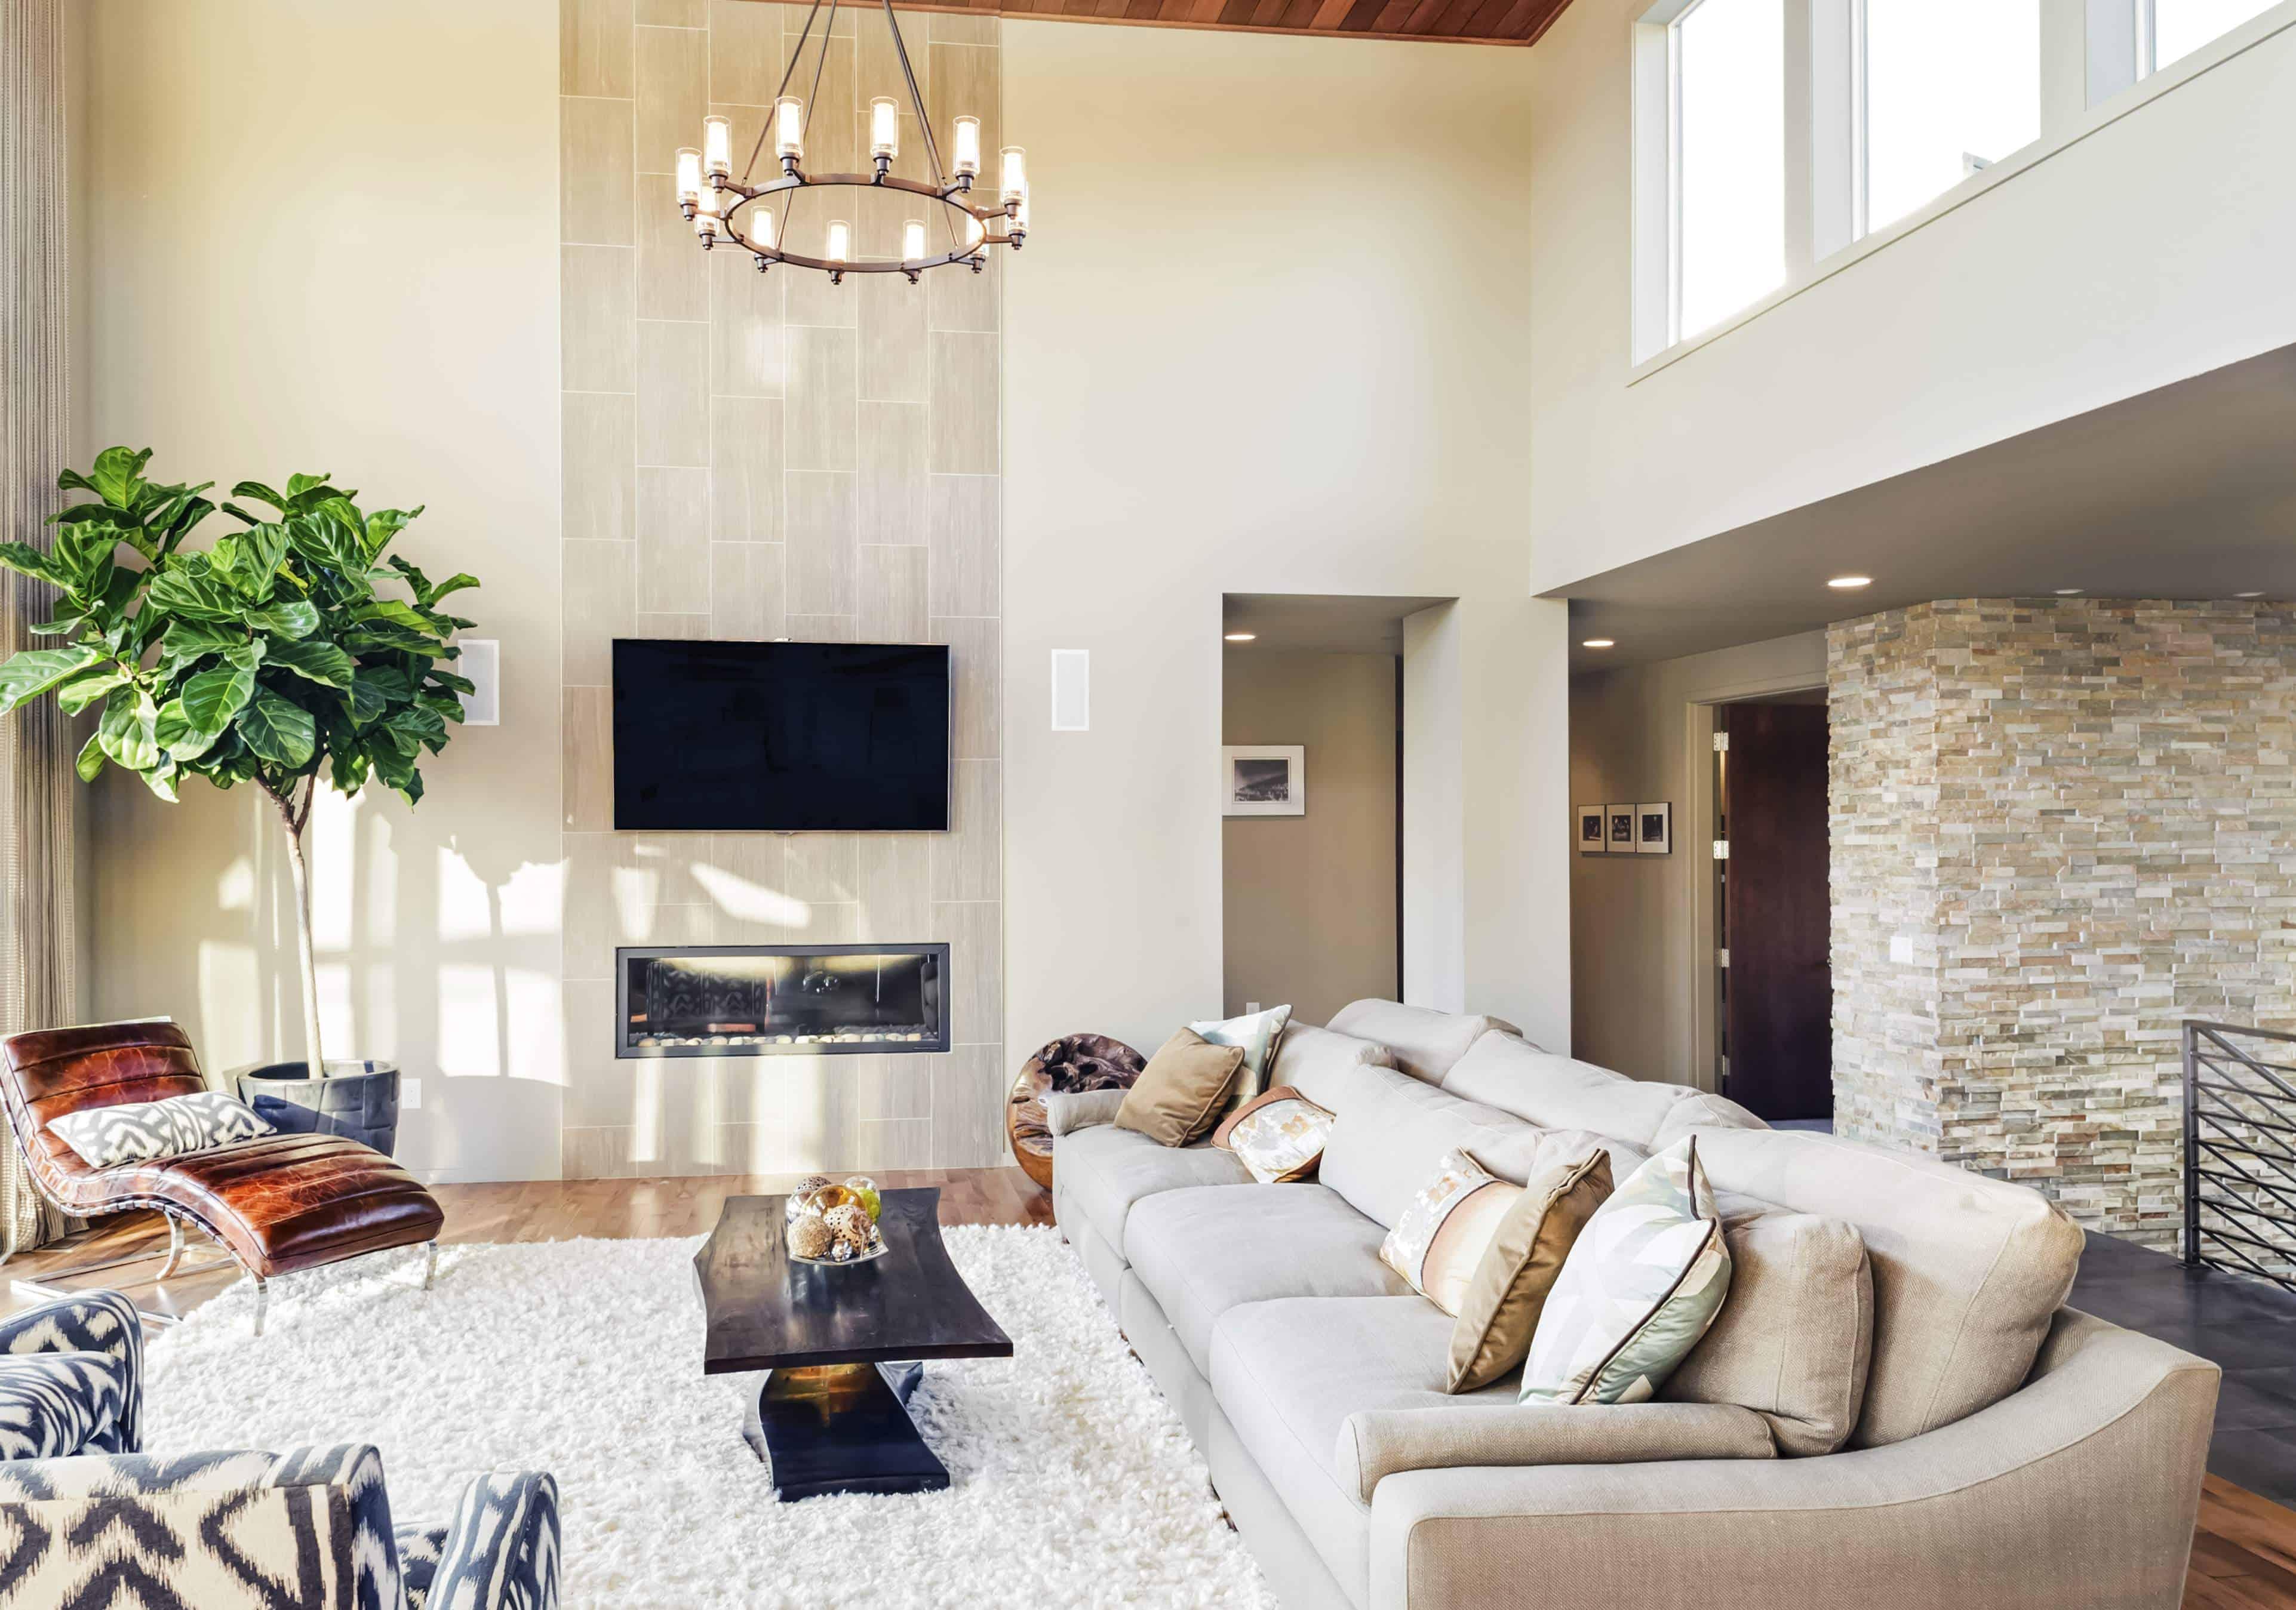 Model Home Expertise